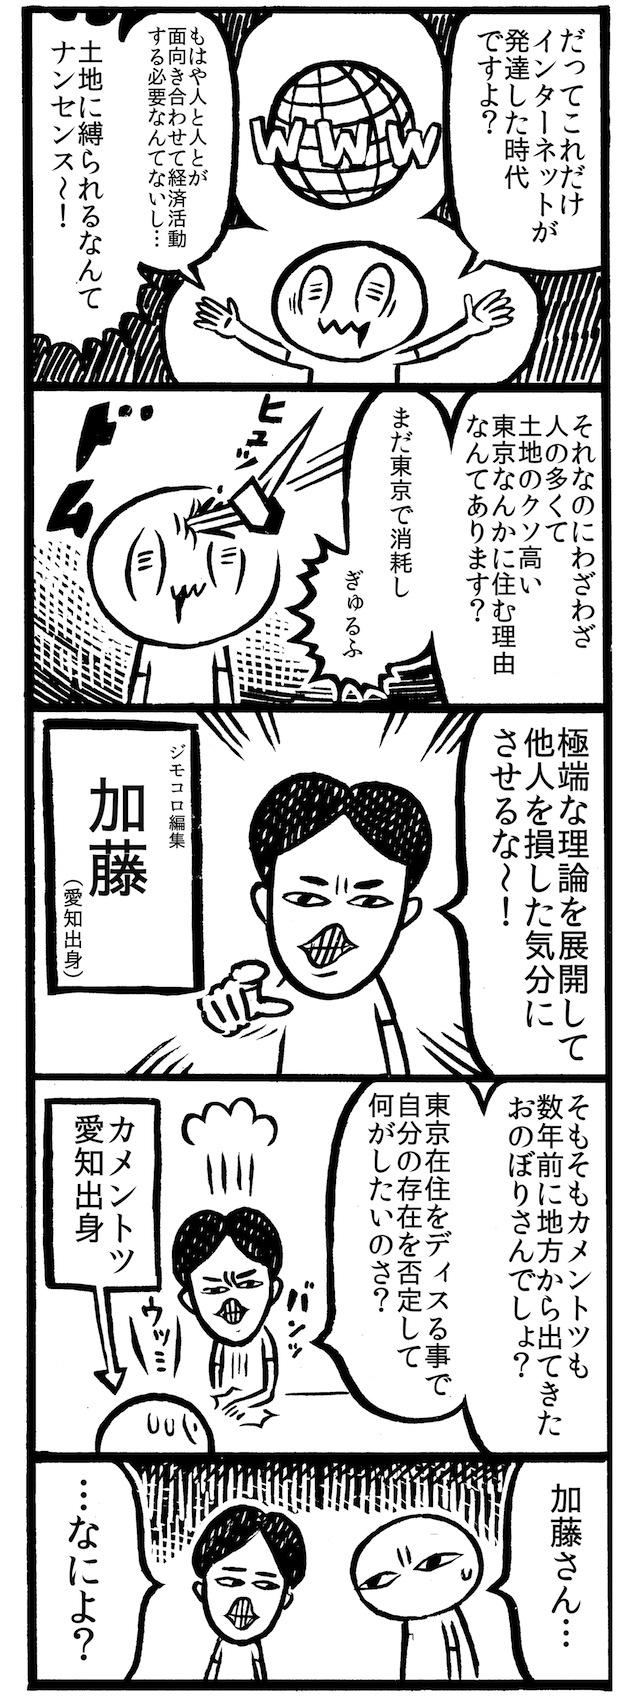 f:id:kakijiro:20160322192357j:plain